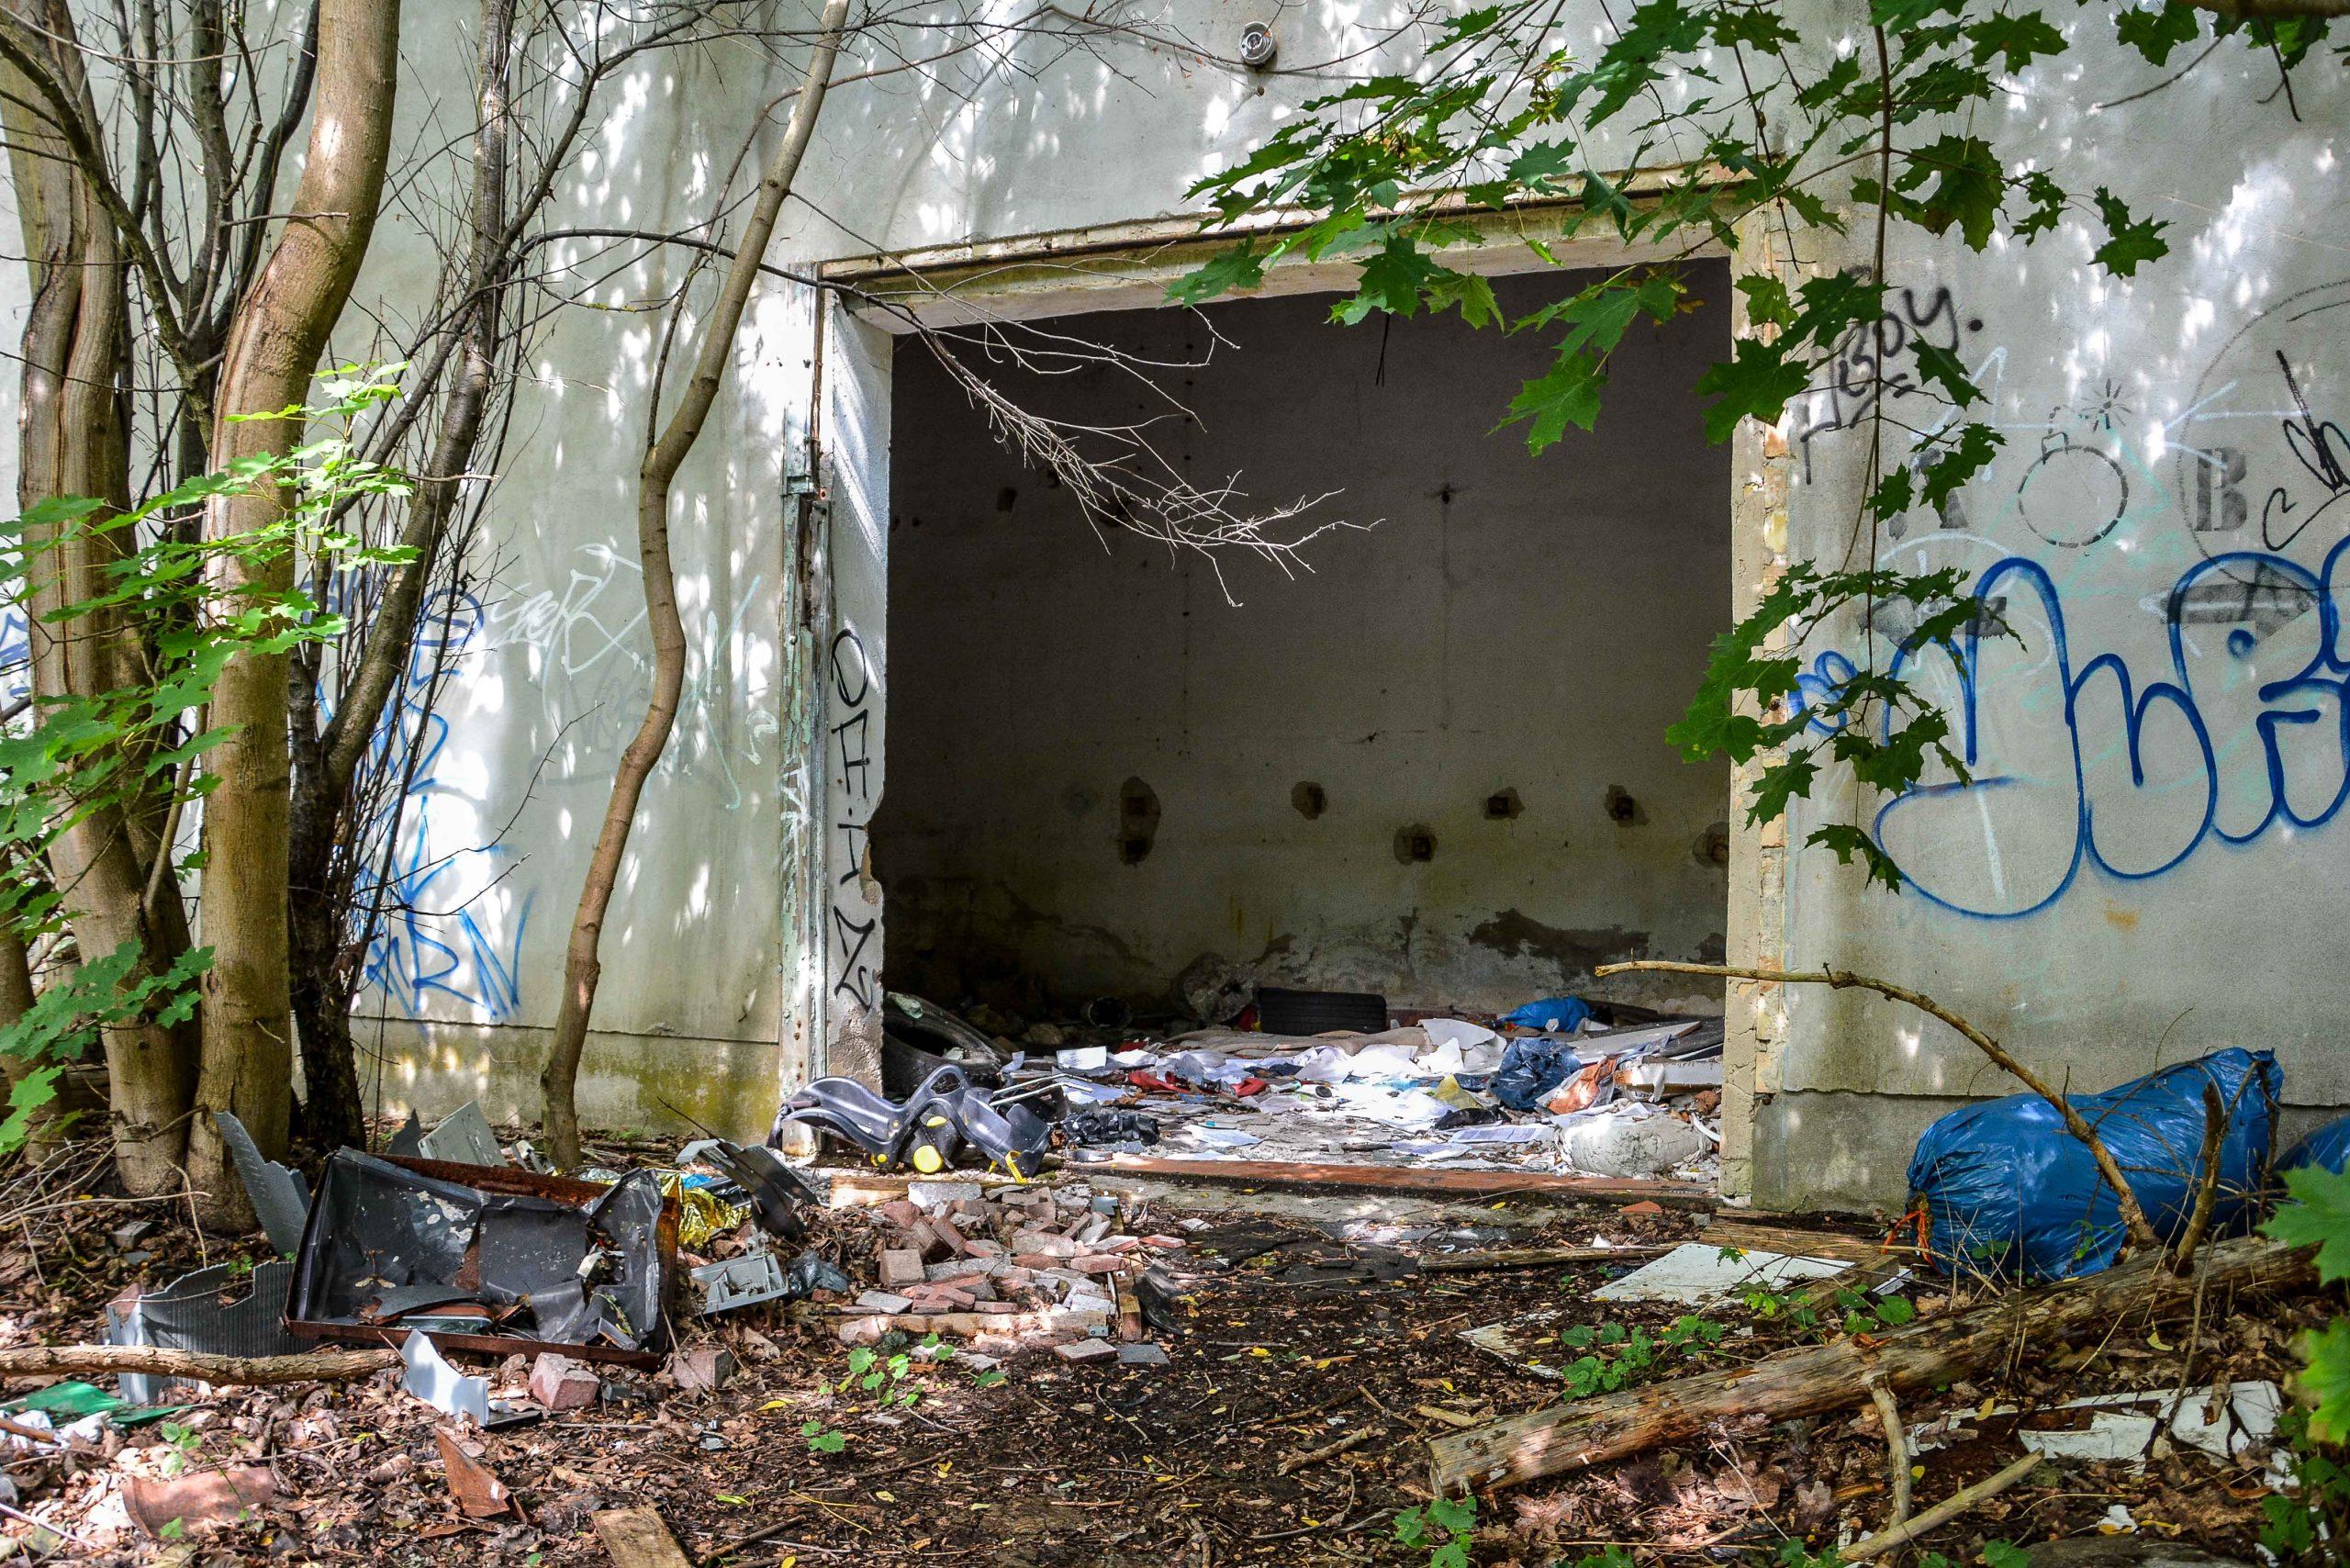 trash muell entrance lost places brandenburg neuruppin gut gentzrode ost deutschland urbex abandoned